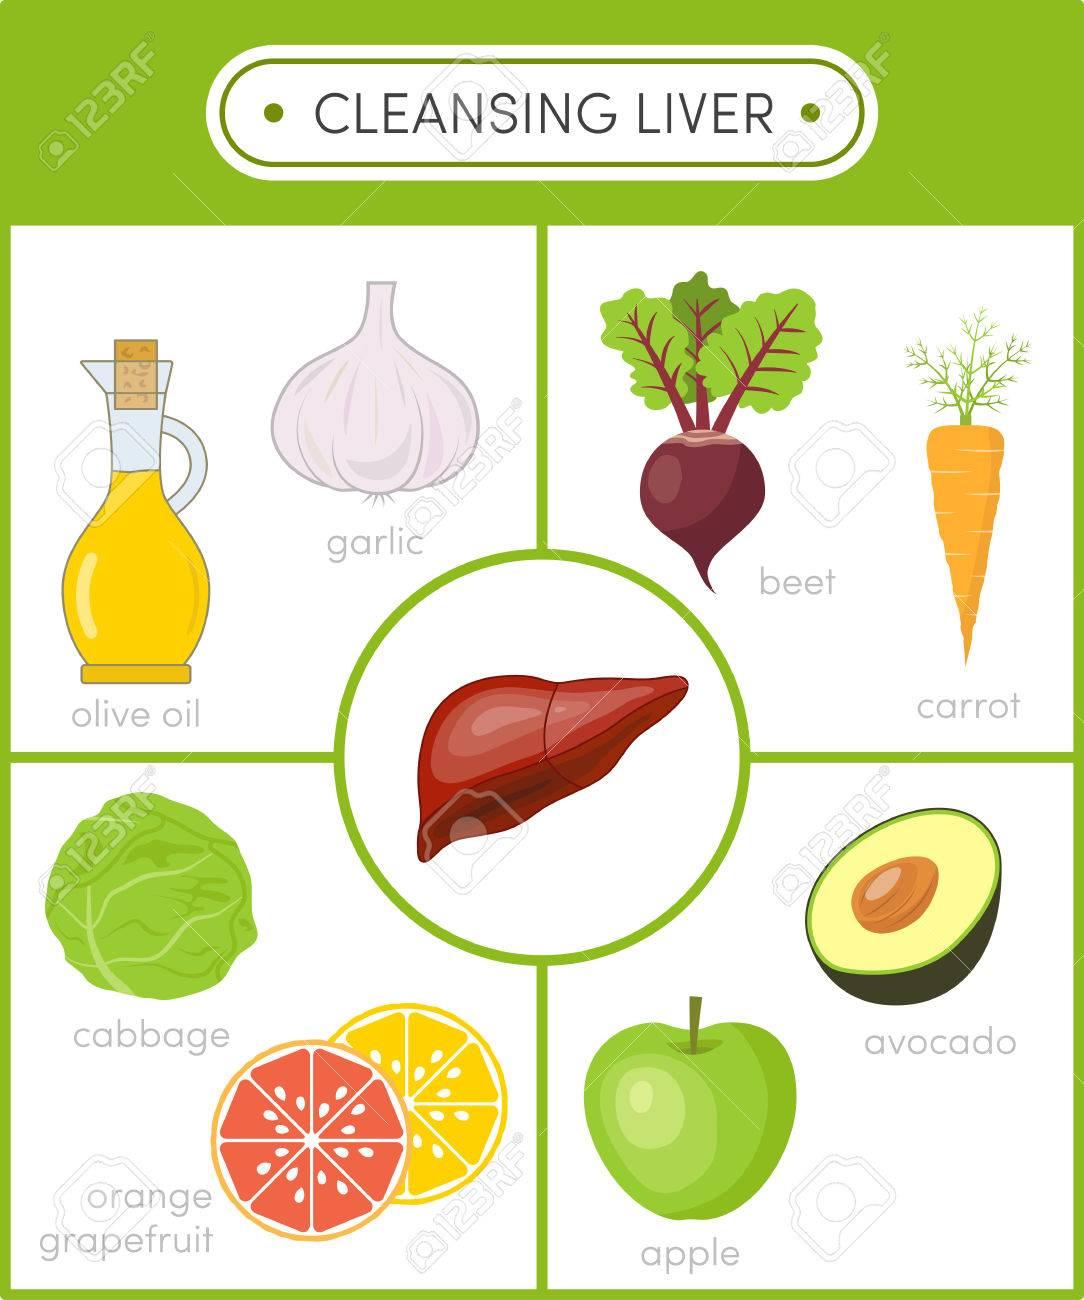 Konzept der gesunden Leber. Reinigung Lebensmittel für Leber. Satz von  Cartoon-Symbole für Infografiken